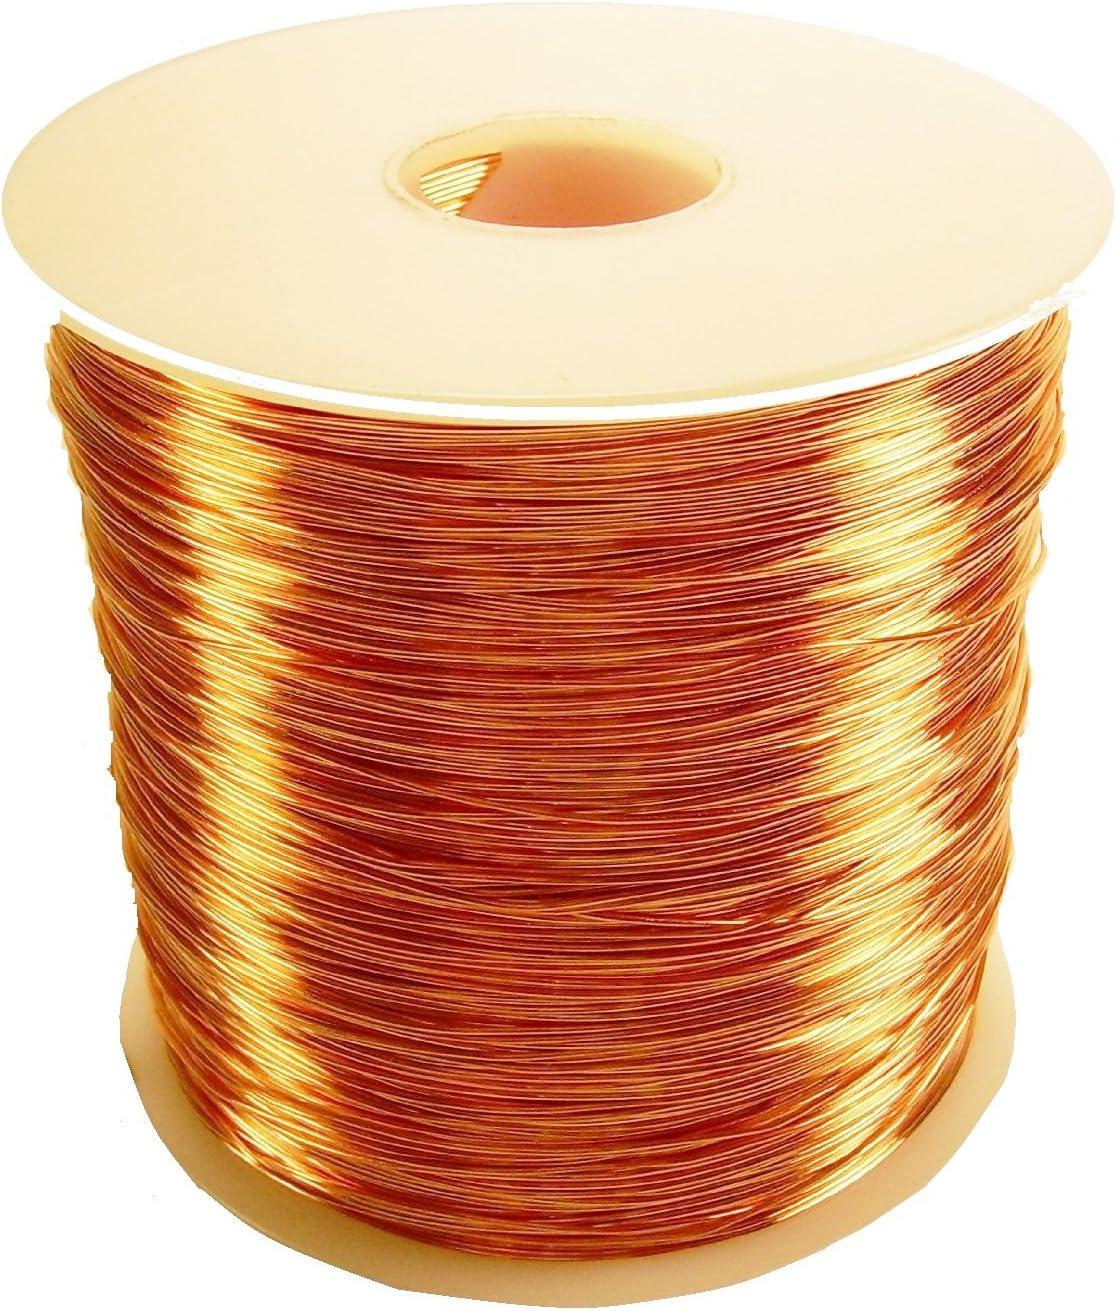 22 Ga Solid Copper Half Hard Round Wire 5 Oz 170 Ft Spool  Real Copper wire